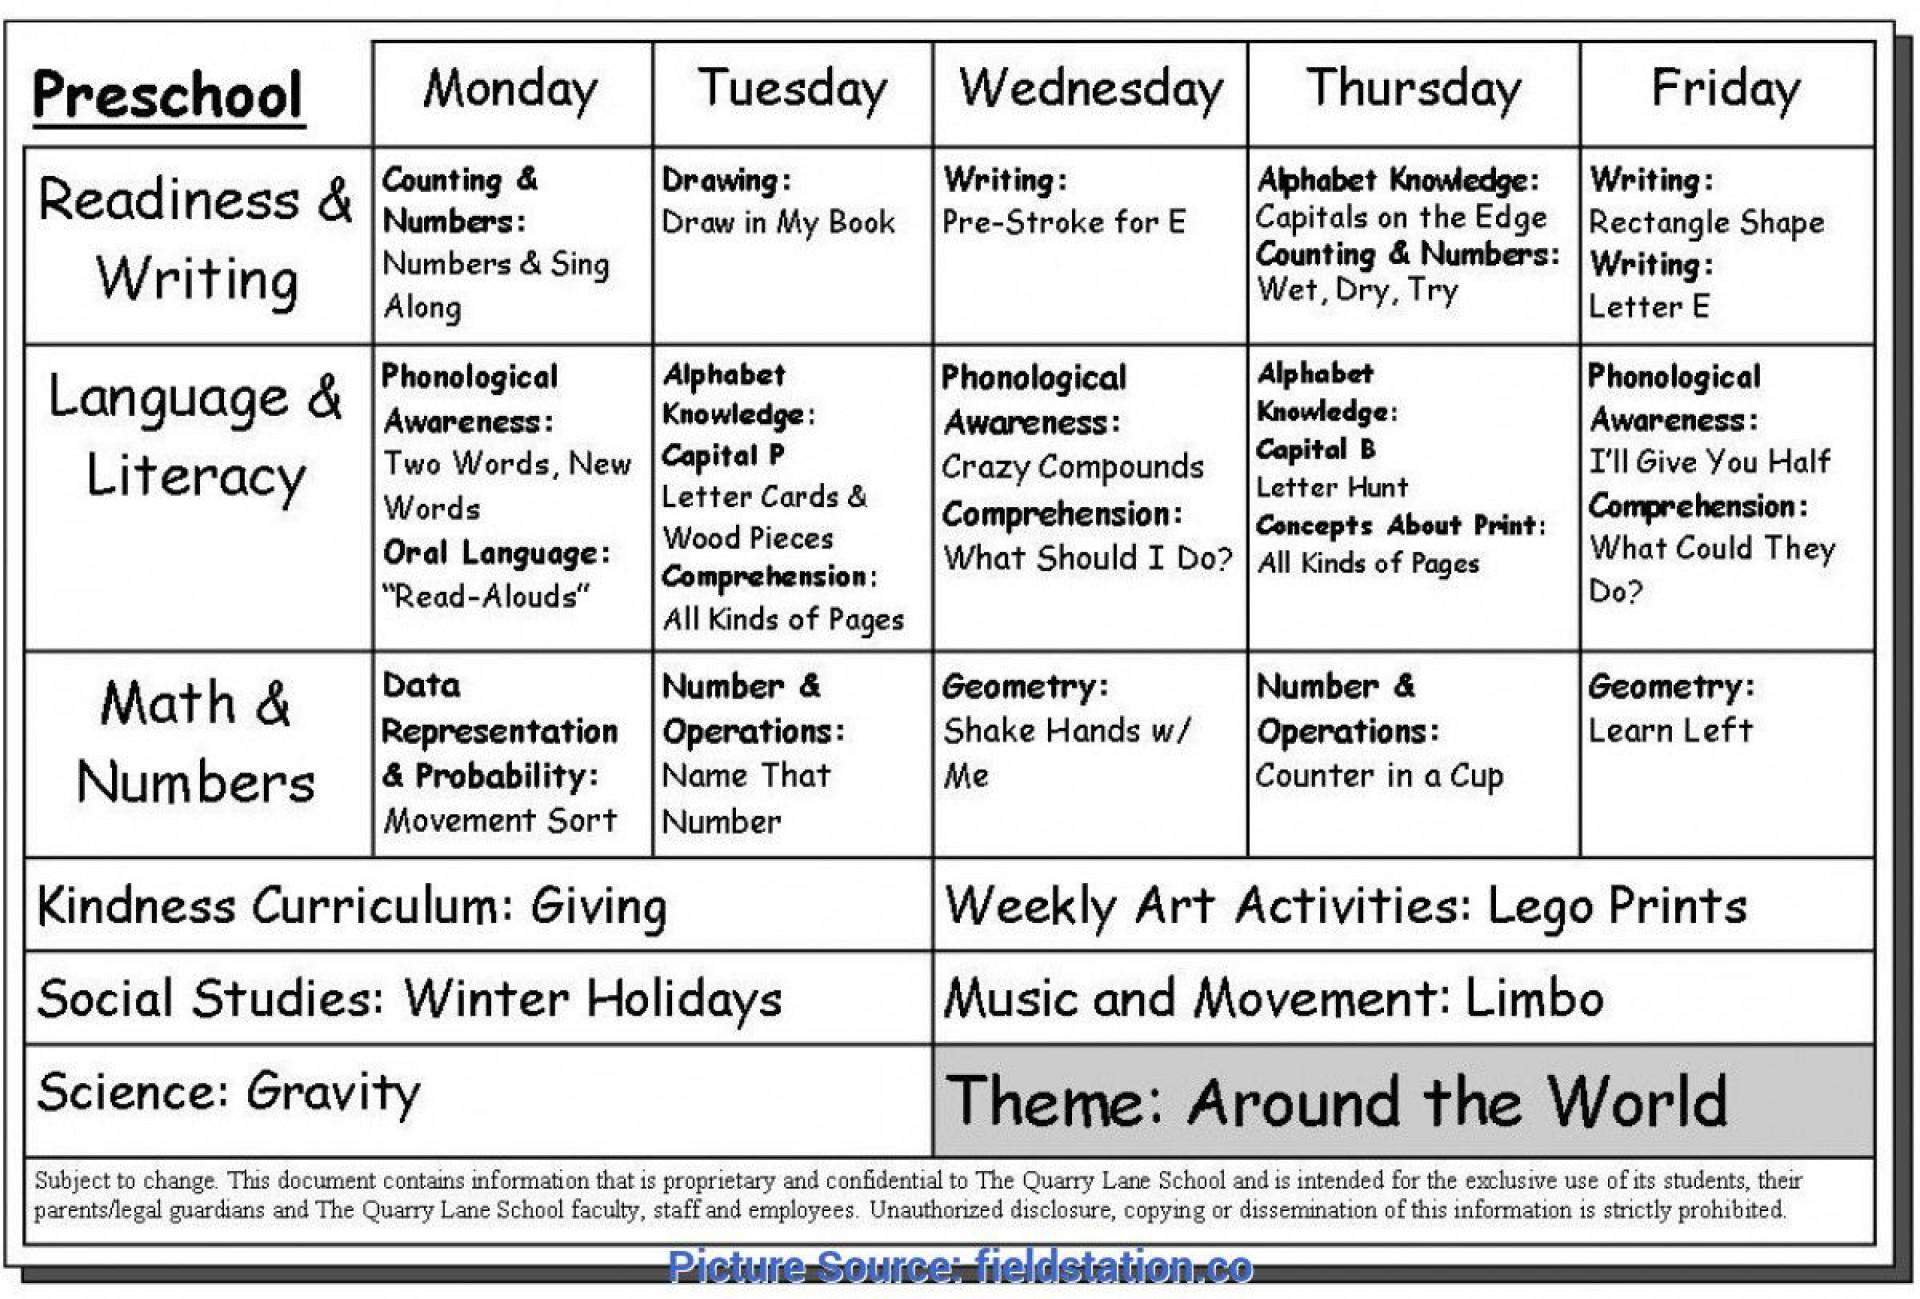 008 Unusual Preschool Weekly Lesson Plan Template Sample  Editable Pdf Word1920